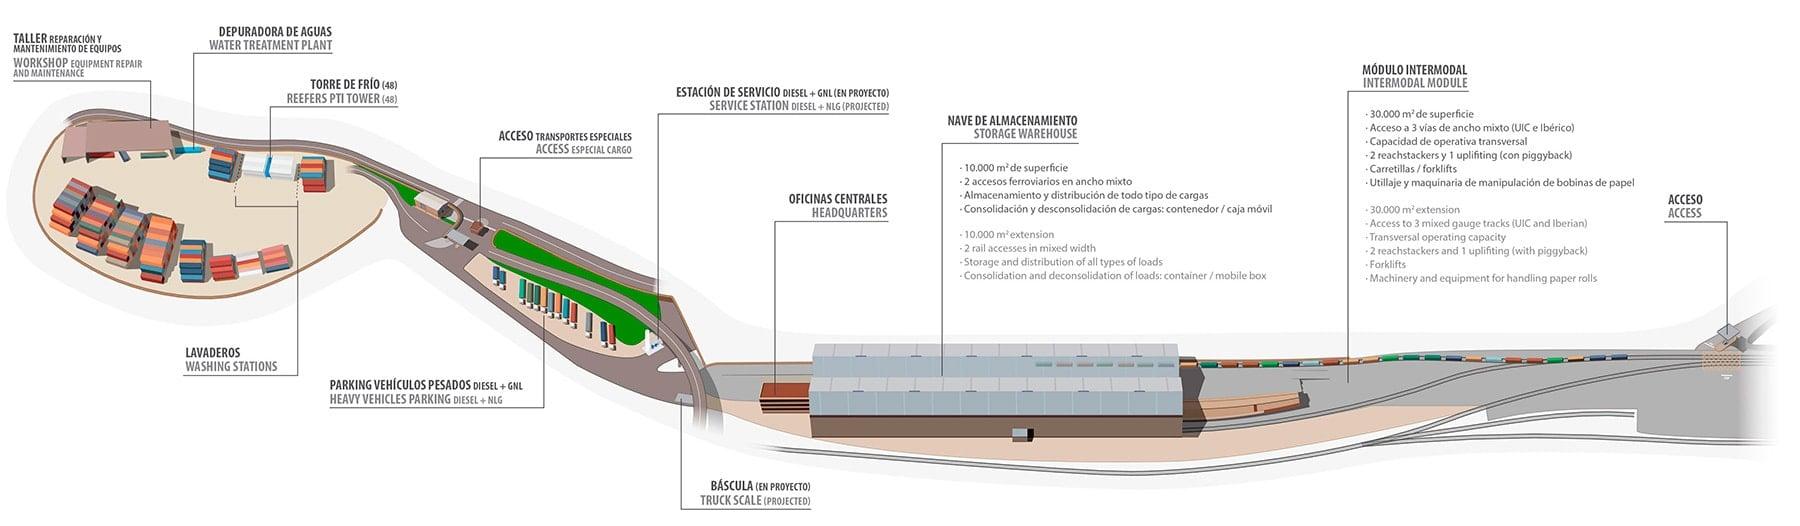 Instalaciones de Barcelona Terminal Intermodal Polivalente